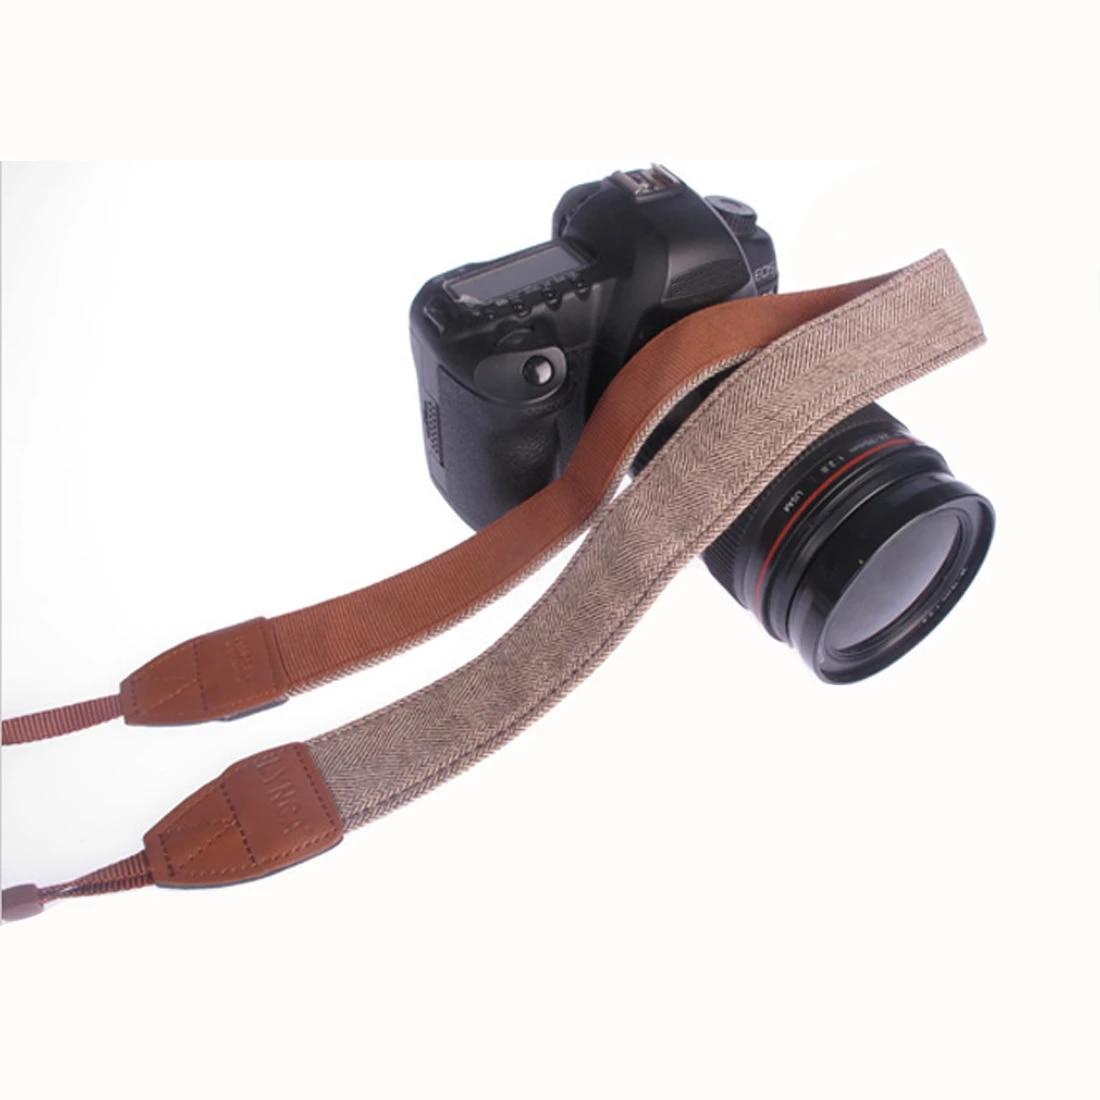 Correa de Cuello Cámara Tela de Algodón de cuero correa de hombro cuello ajustable